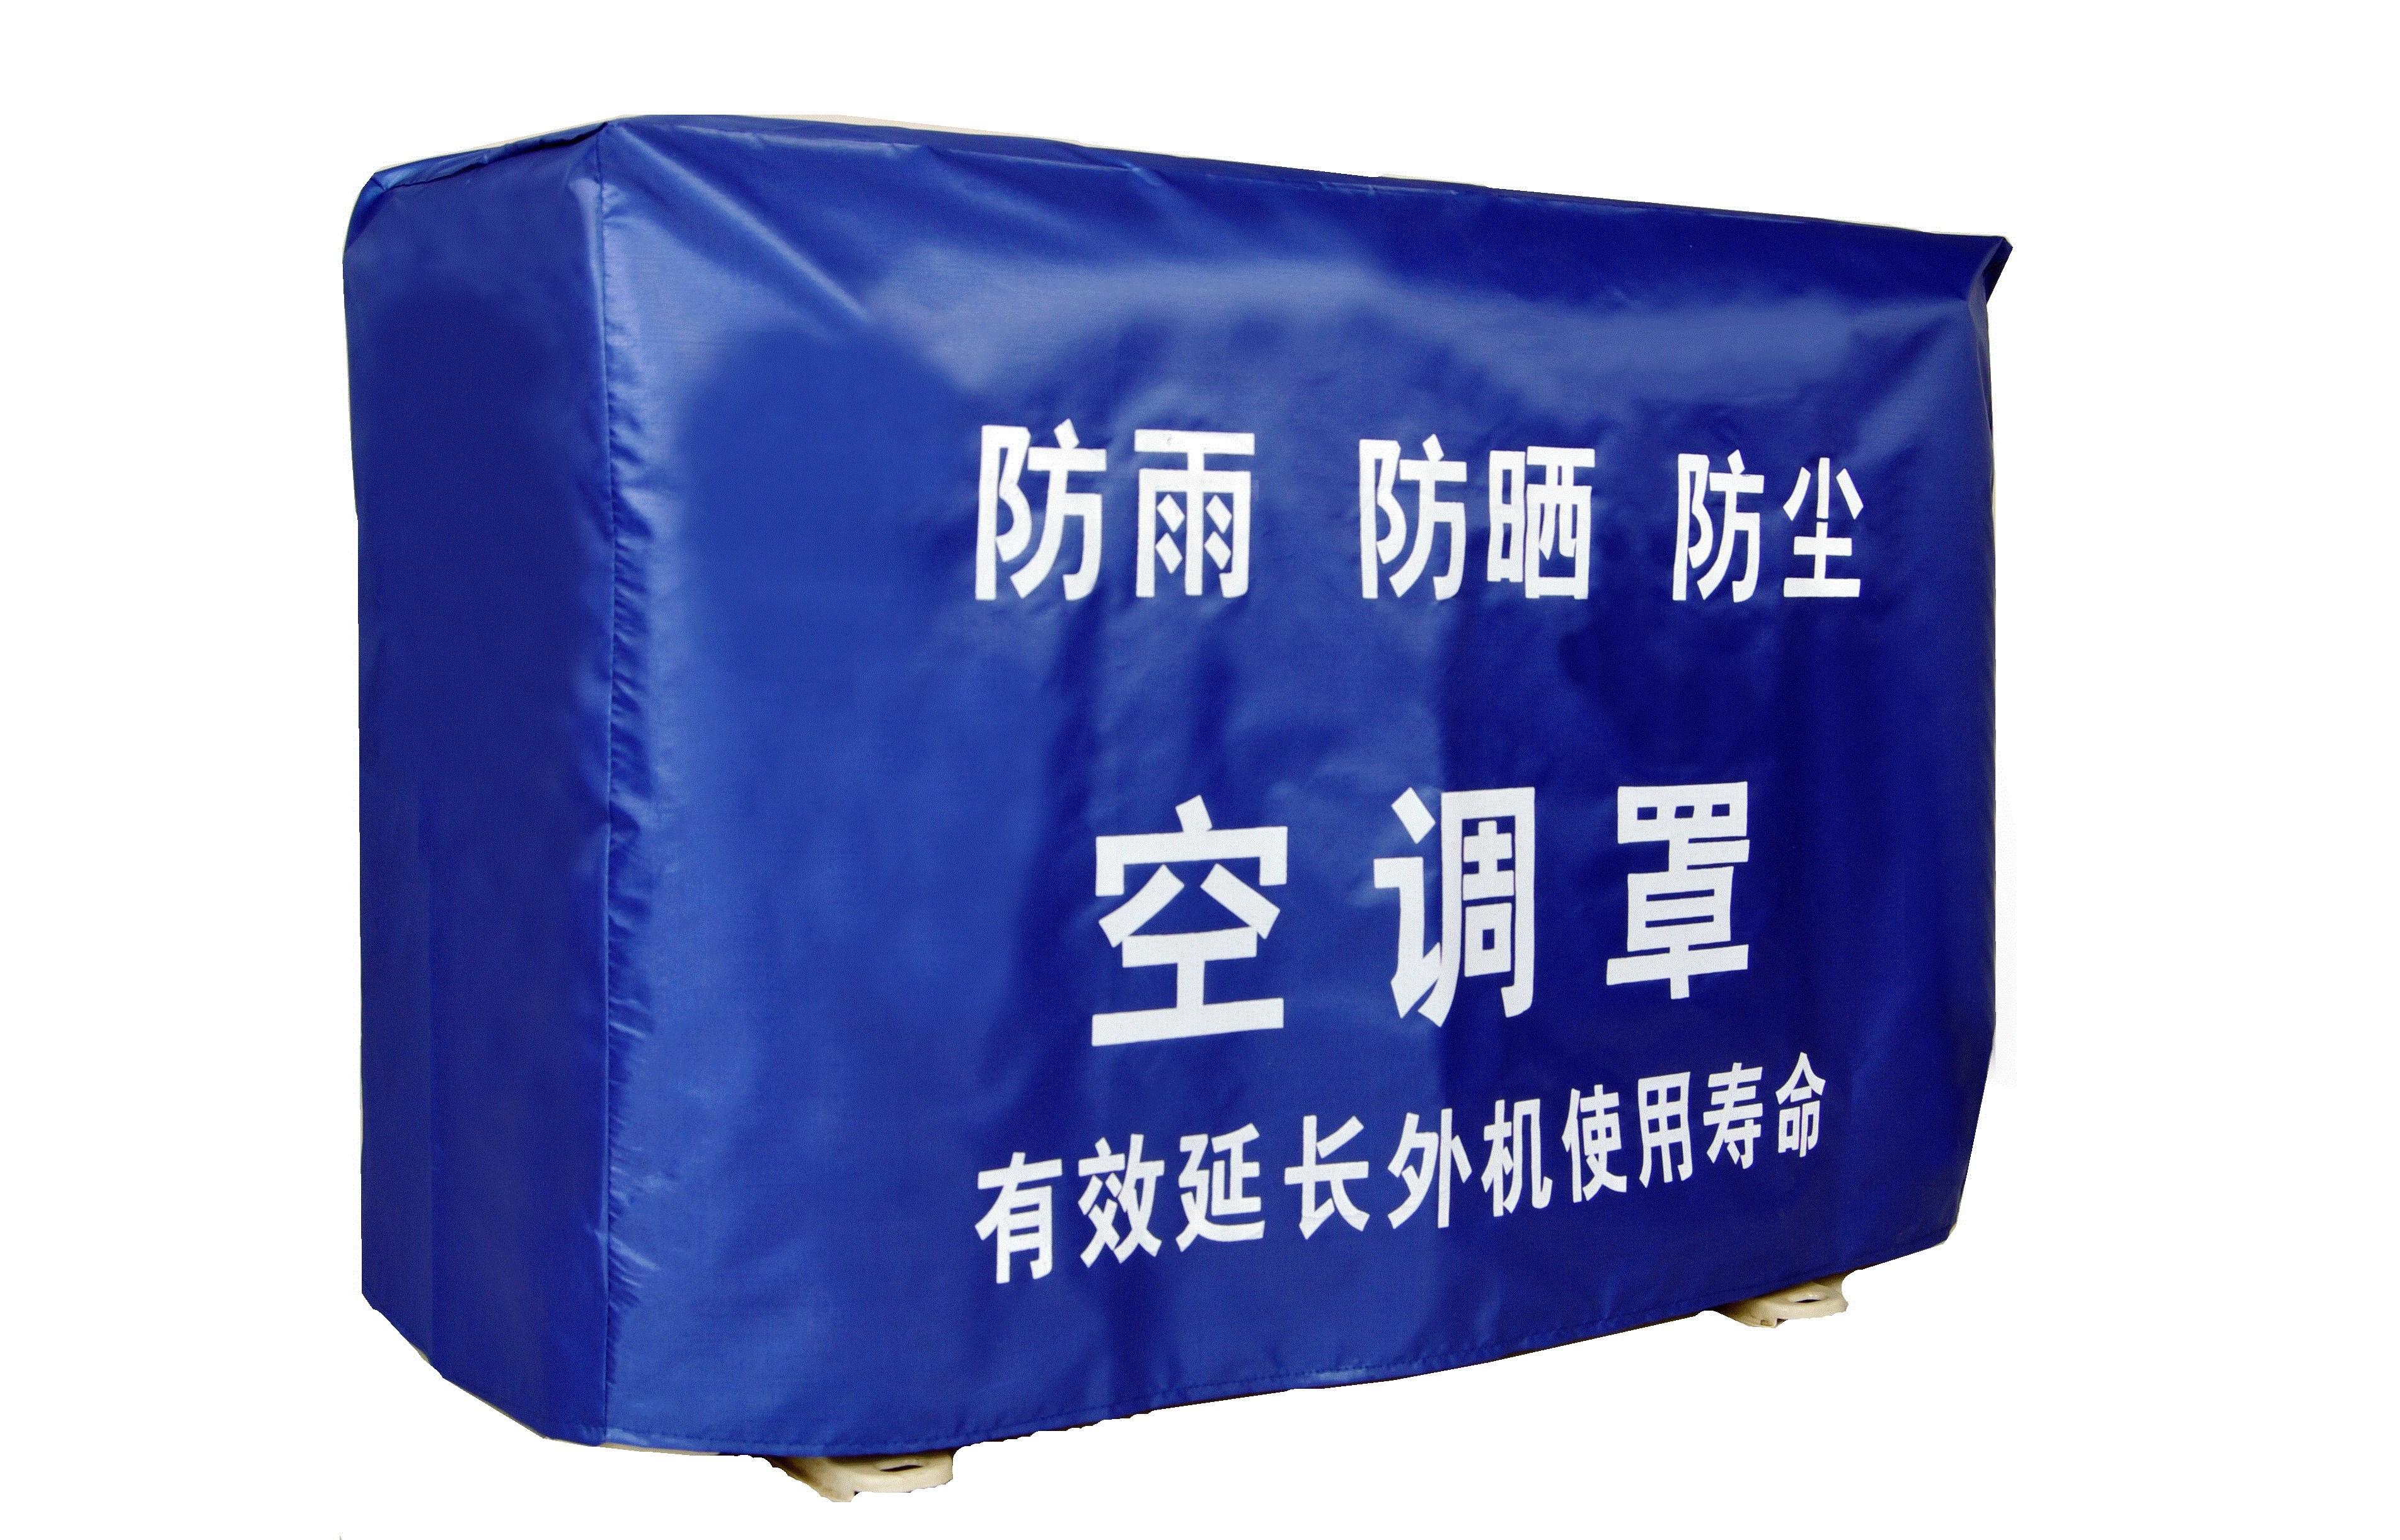 奥克斯通用格力防雨防晒防尘空调罩外机海尔空调外罩加厚保护美的